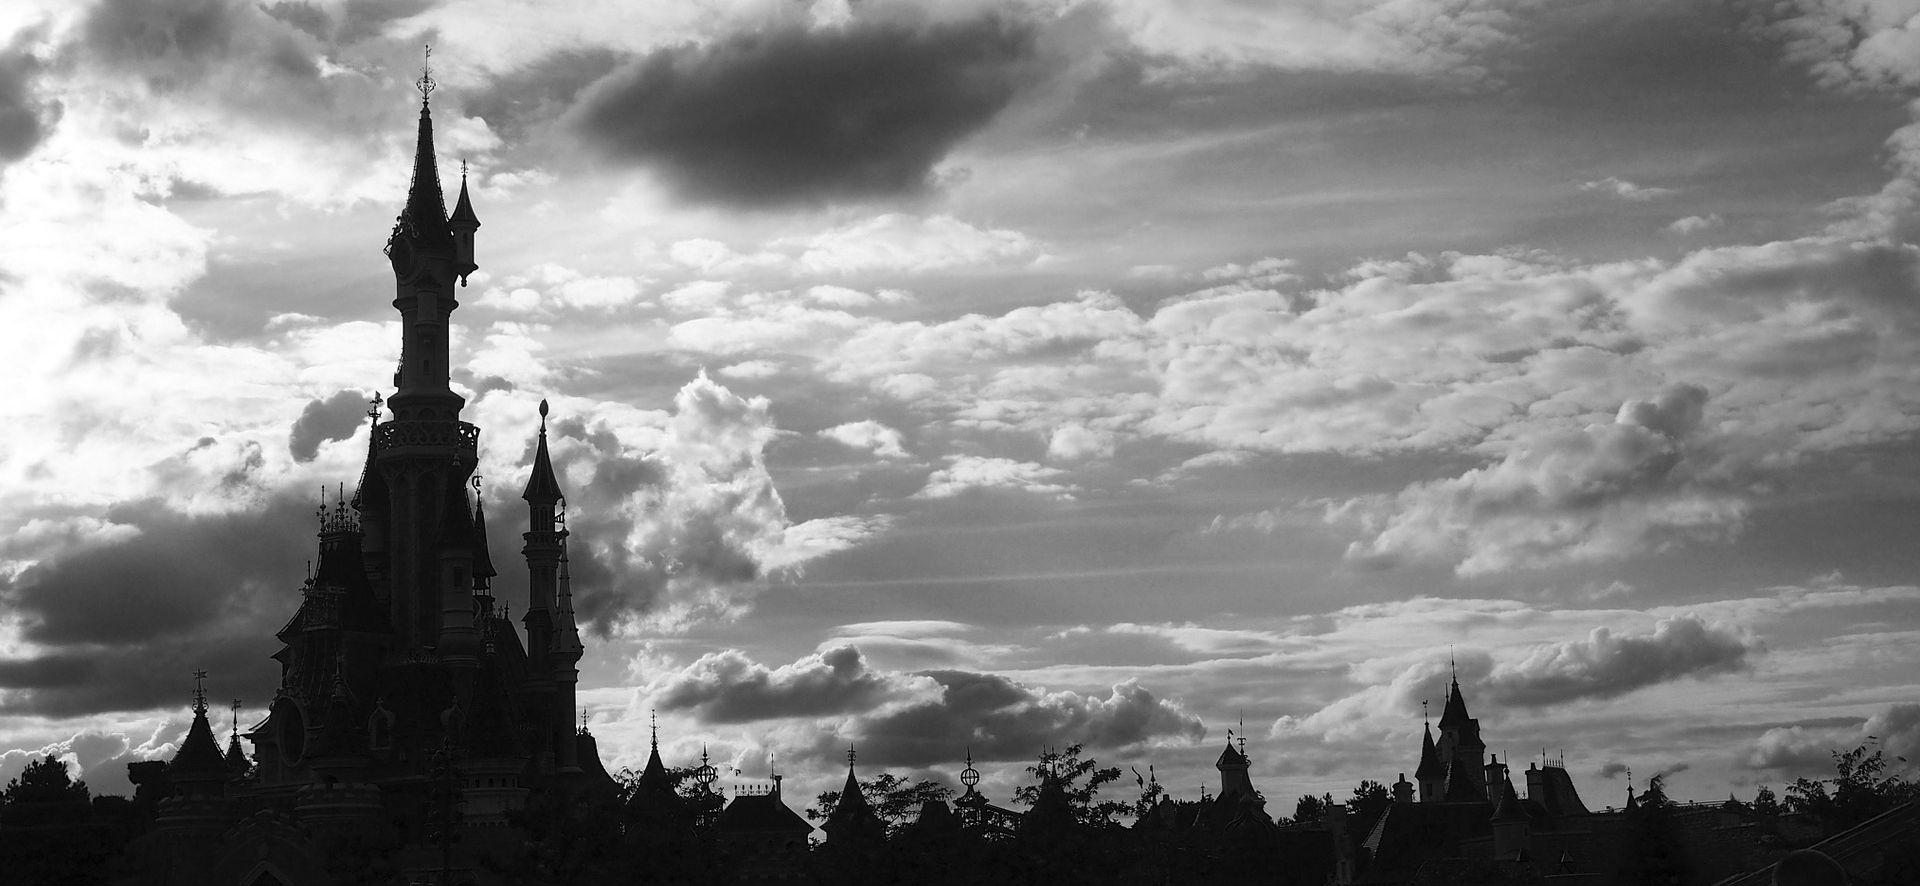 ISTRAGA U TIJEKU Zaposlenik pariškog Disneylanda preminuo u kući strave